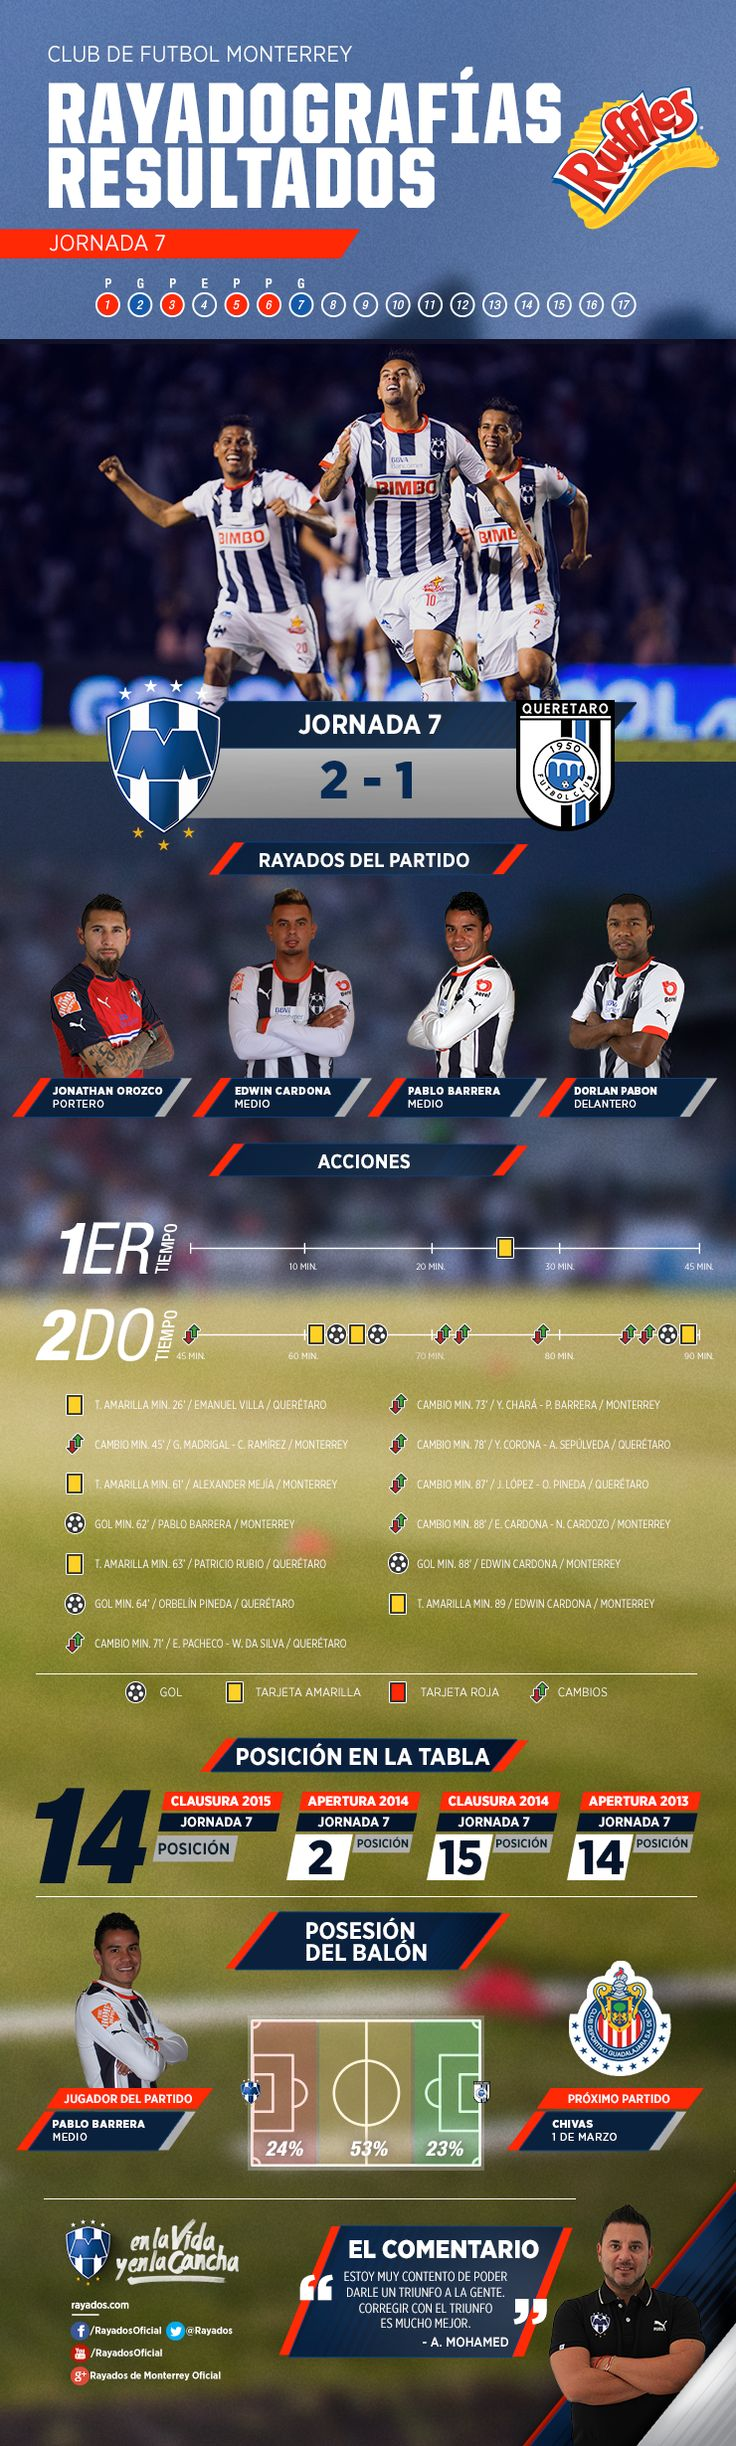 La #Rayadografía Post partido #Rayados vs. Querétaro es presentada por Ruffles MX.  Para ver la imagen de un mayor tamaño y detalles, da clic aquí: http://www.rayados.com/noticias/7931/rayadografa_-_rayados_vs._quertaro_post